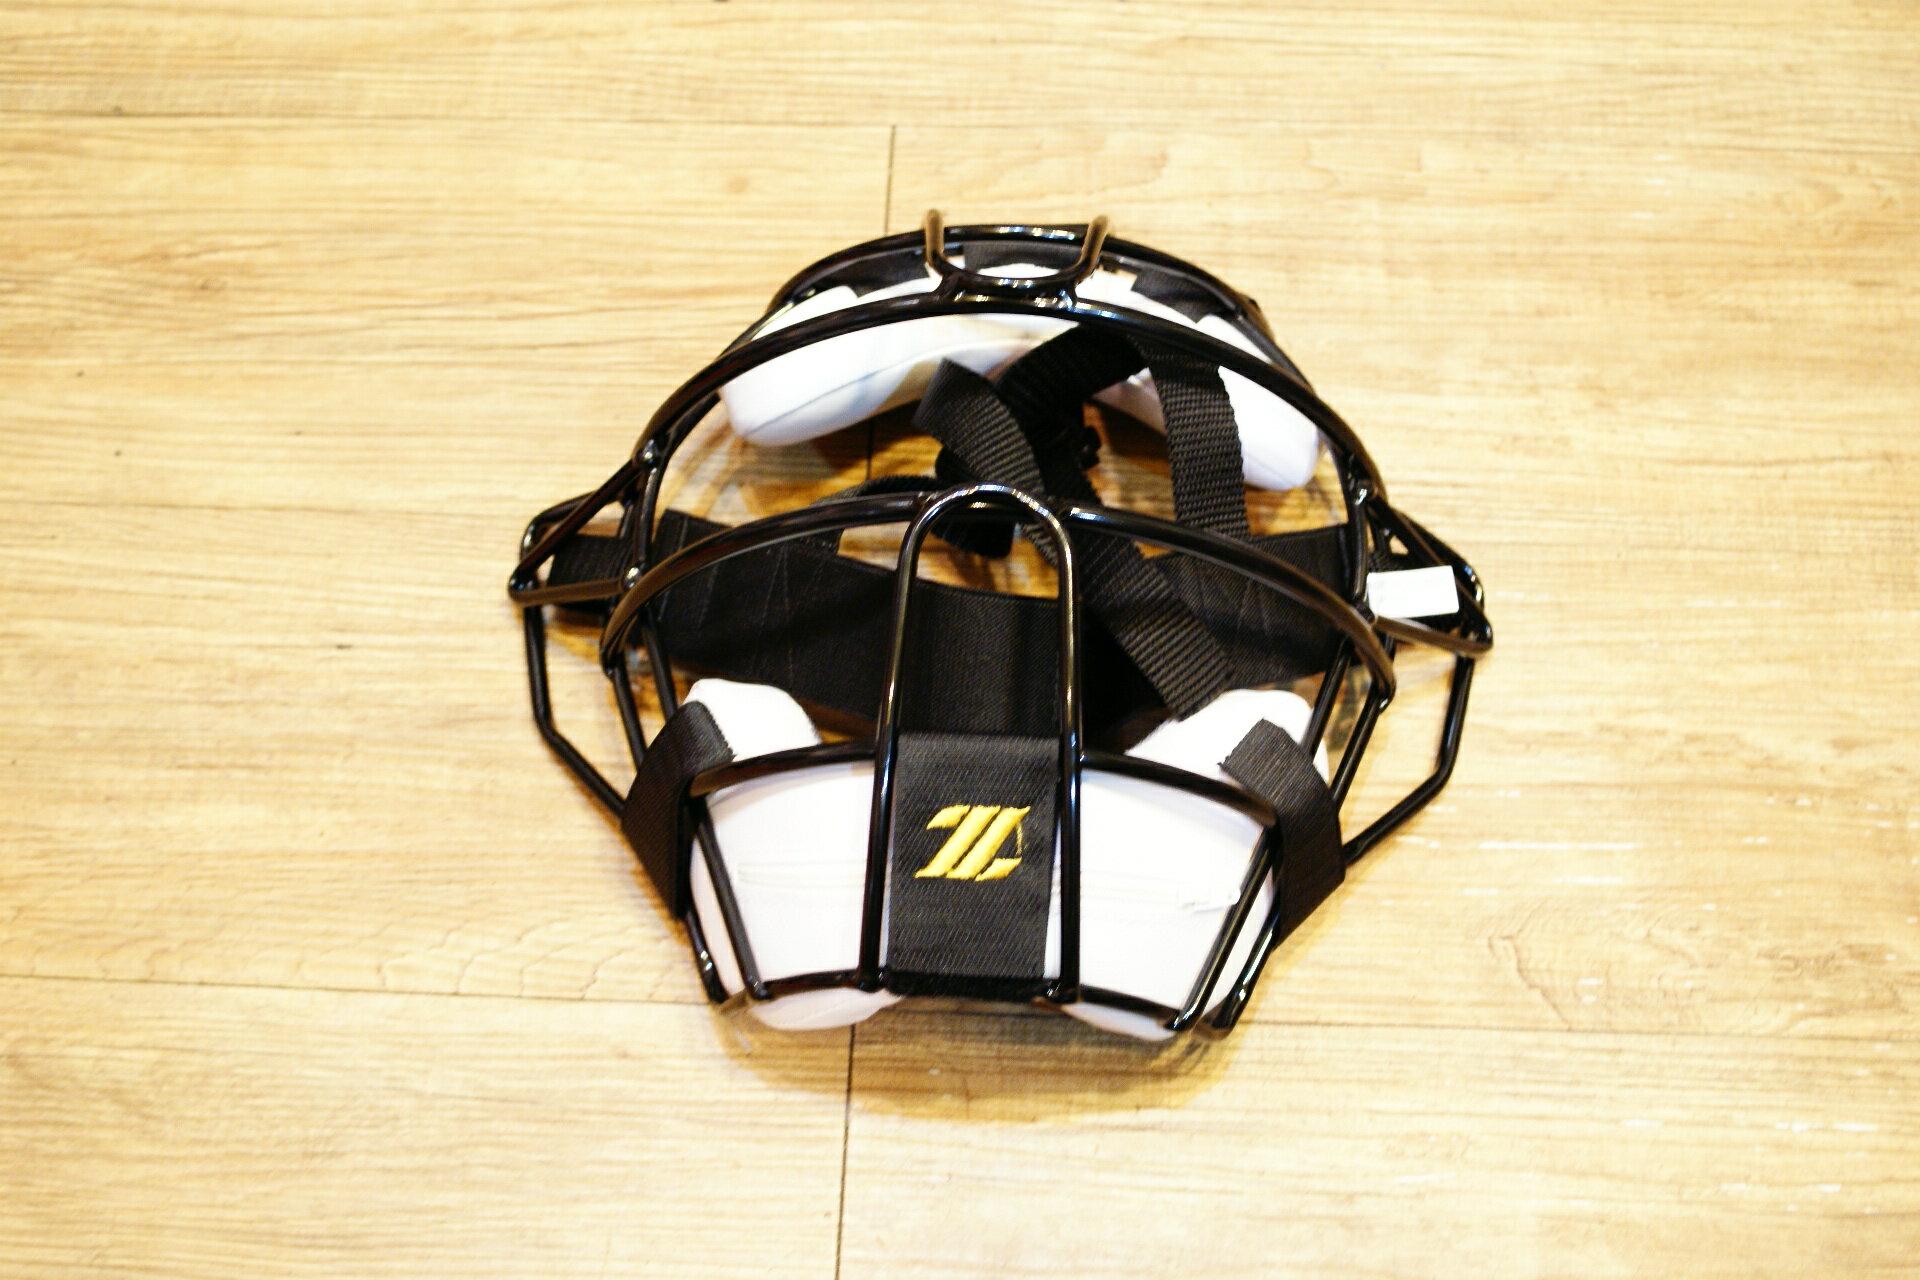 棒球世界 新款ZETT硬式捕手輕量化配色面罩 特價 不到65折